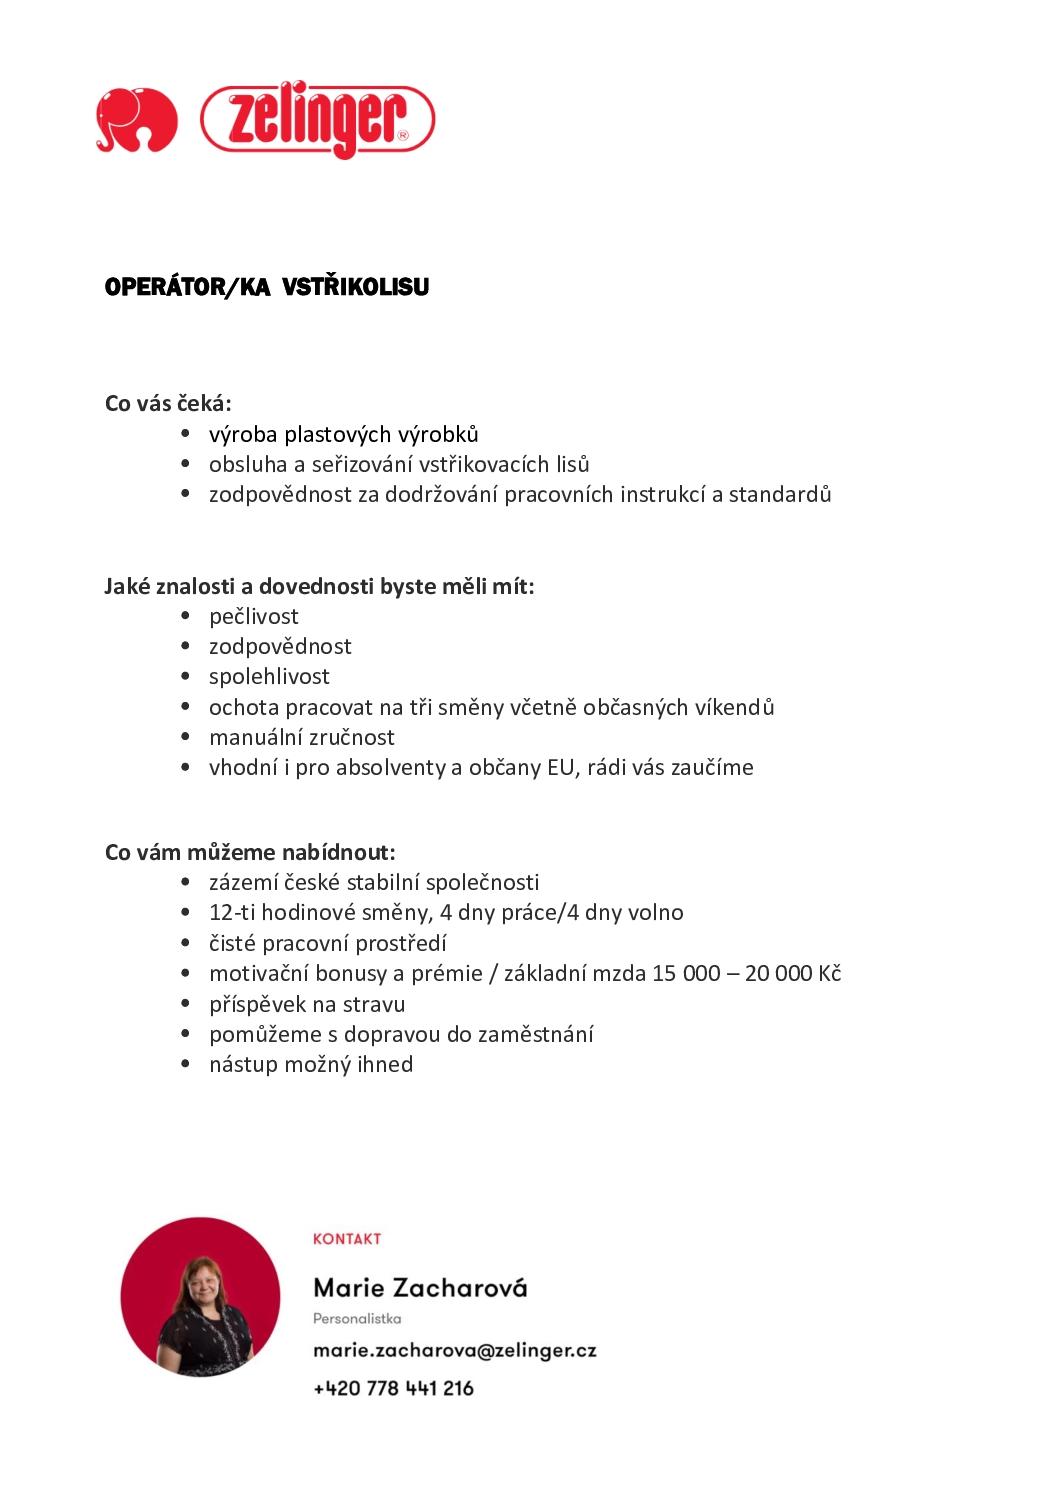 PDF náhled